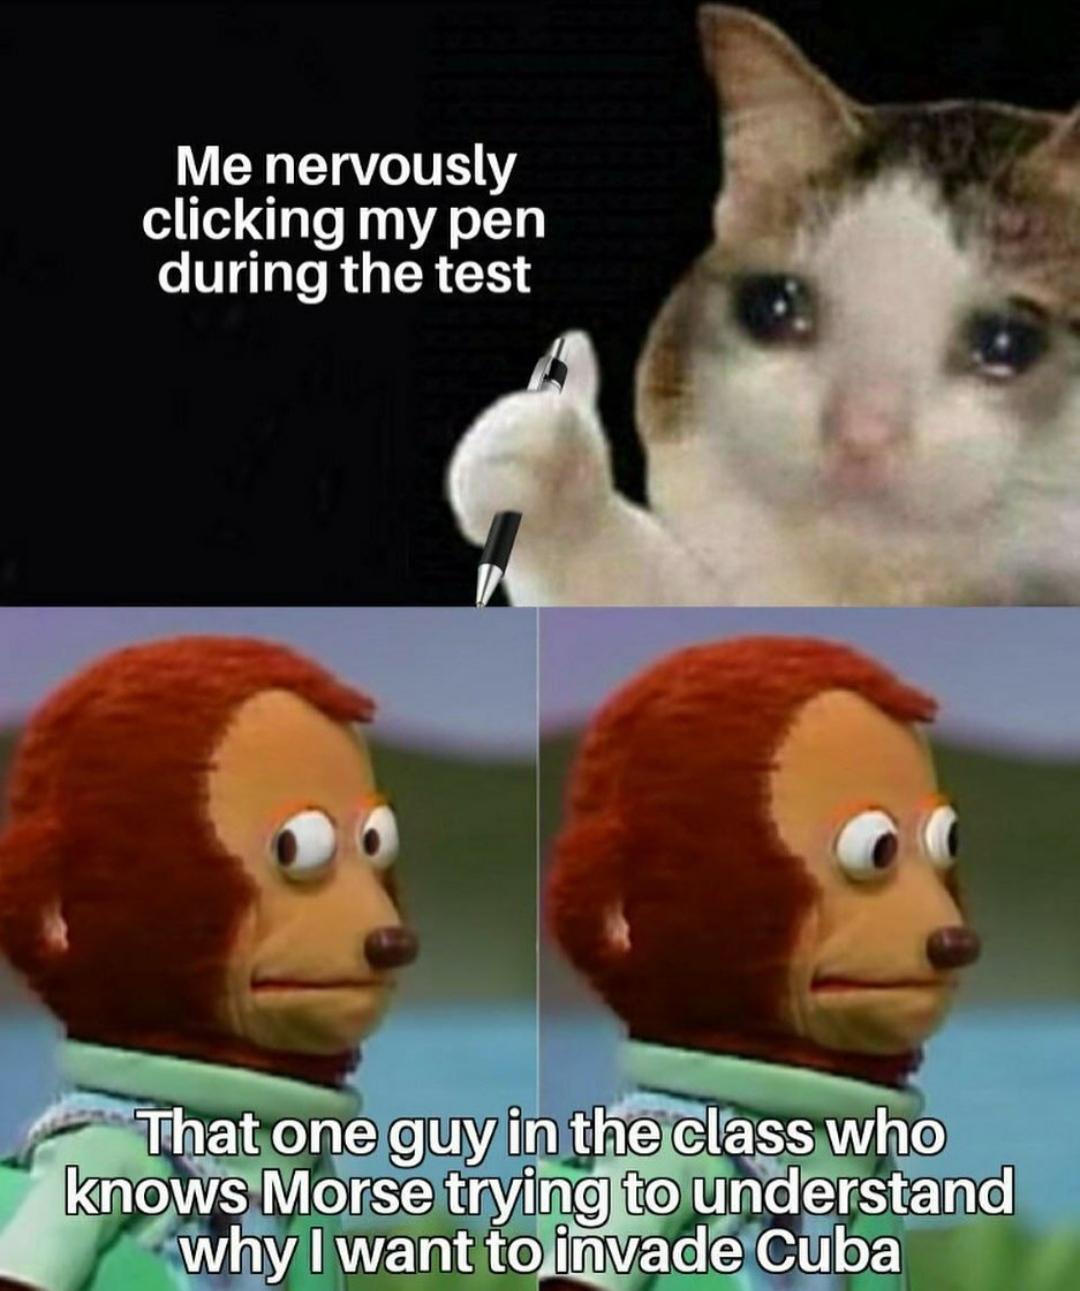 Bahahah - meme